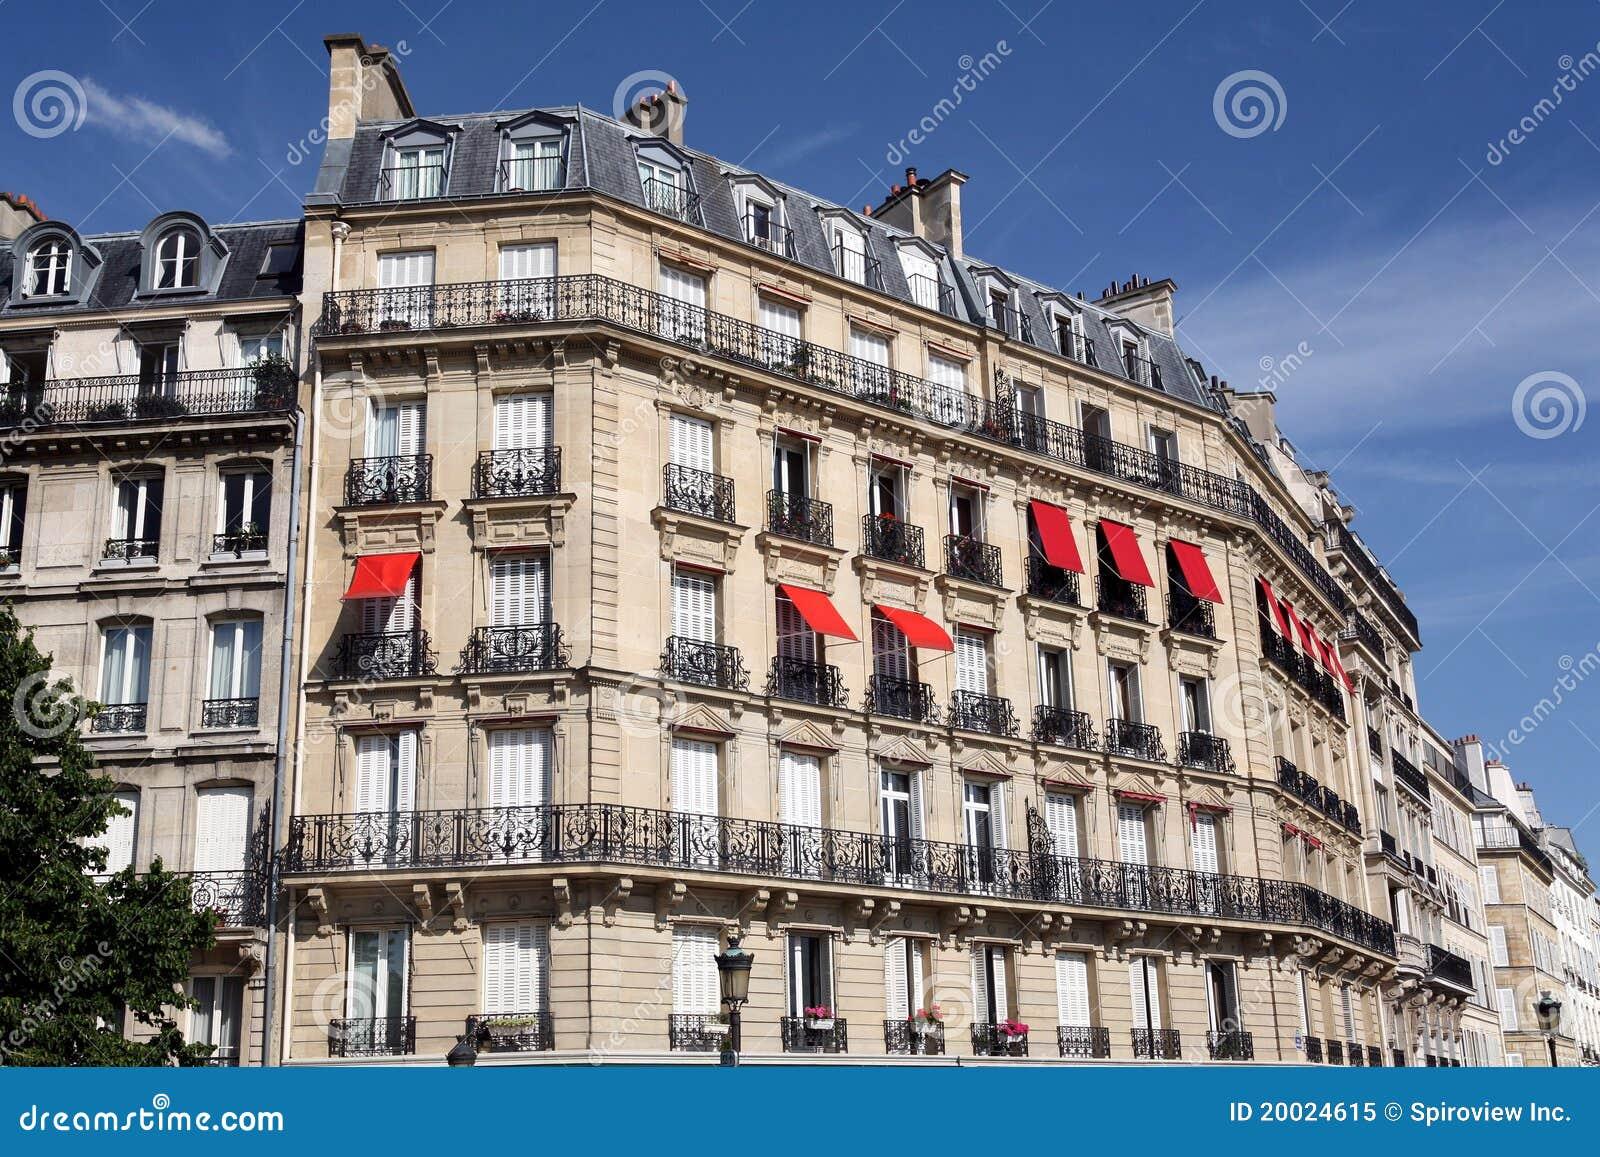 Paris immeuble photo libre de droits image 20024615 for Paris libre